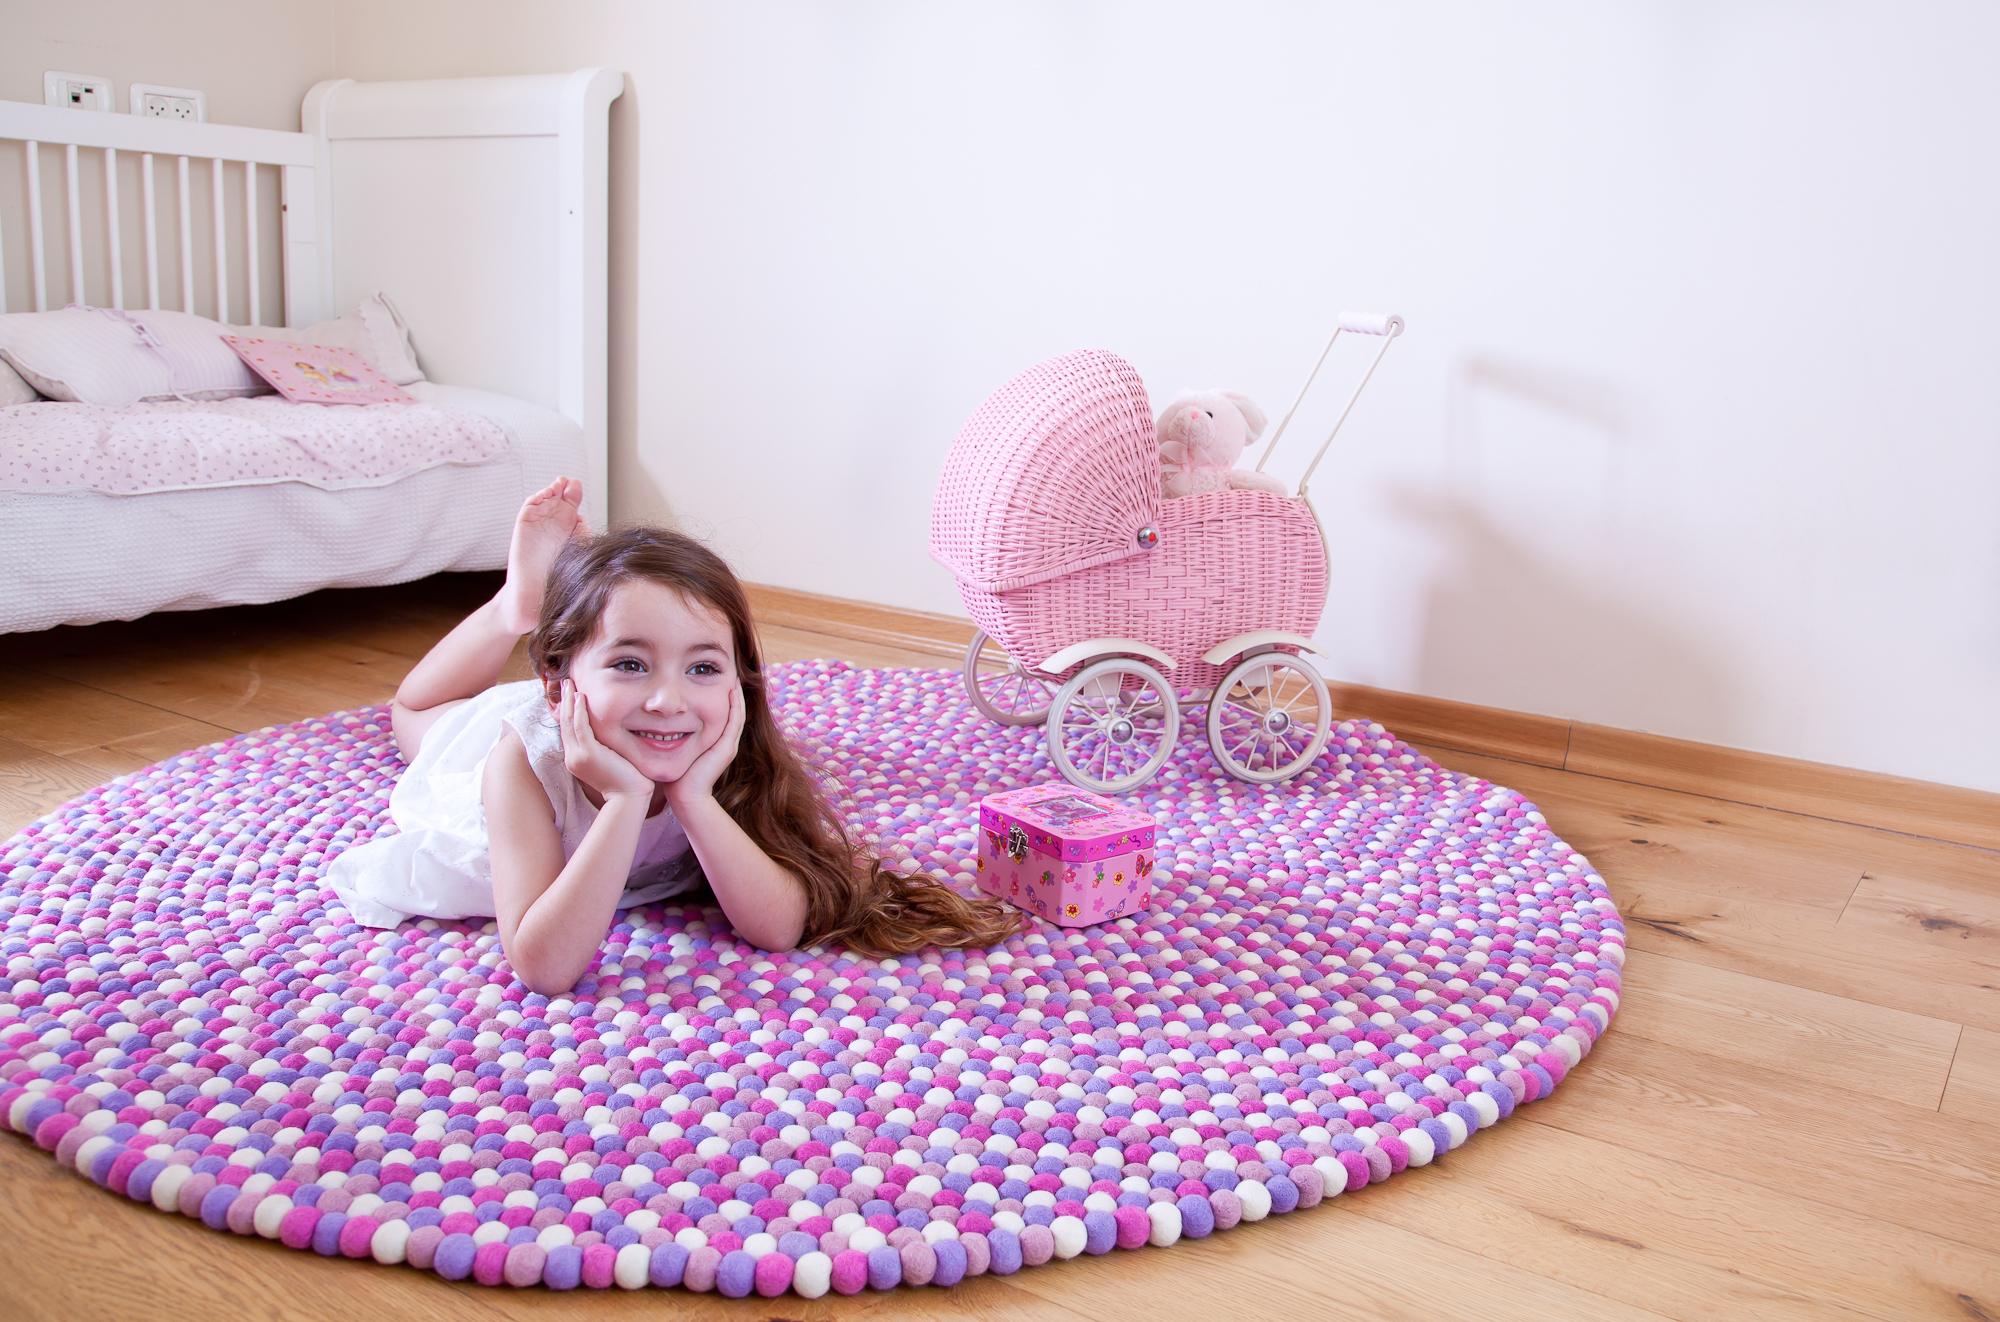 שטיח כפריט מרכזי בחדר ילדים